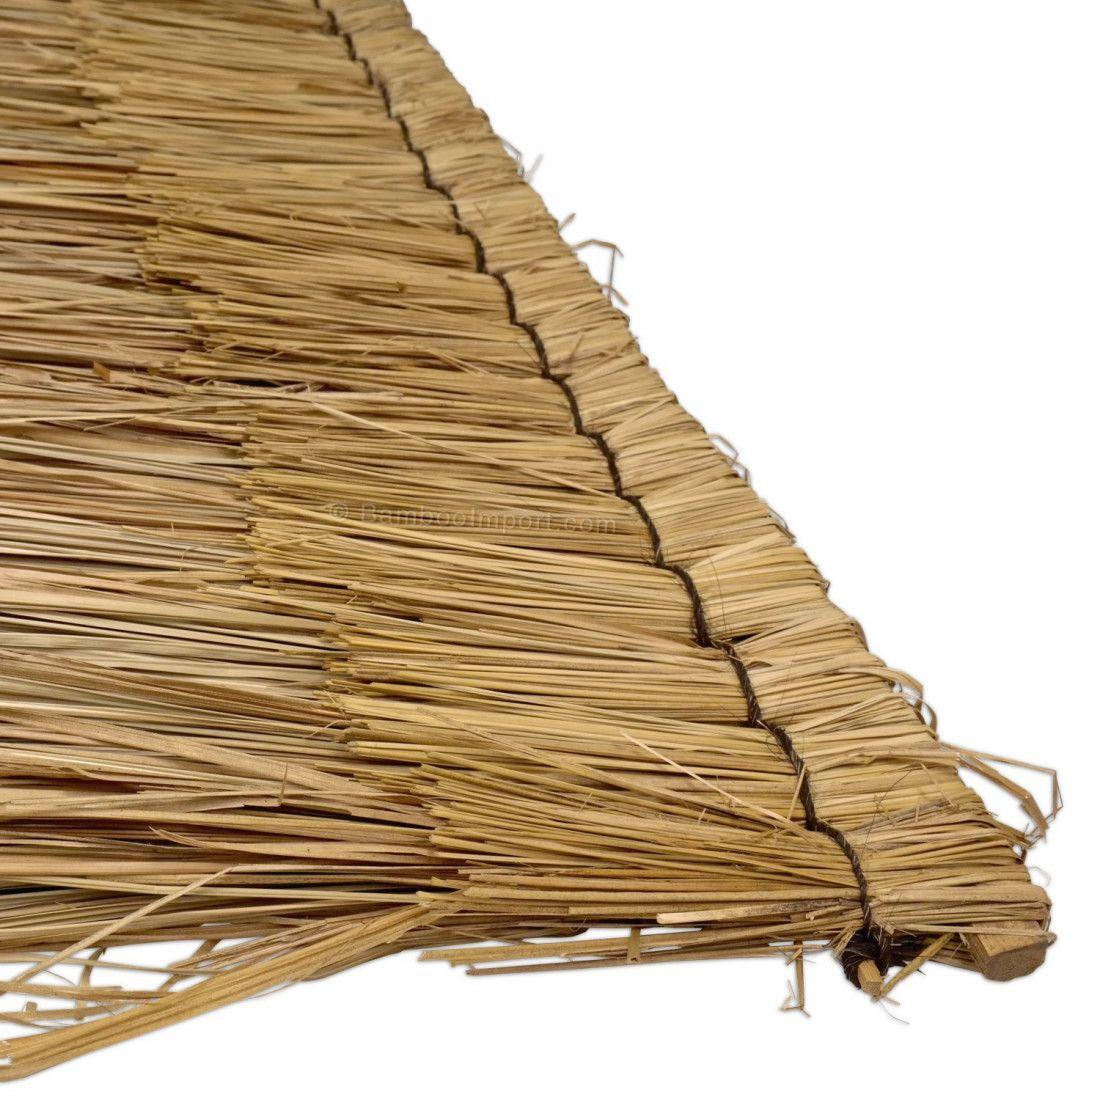 Epingle Par Ezzair Sur Koisque En 2020 Bambou Toit Pergola Abri De Jardin